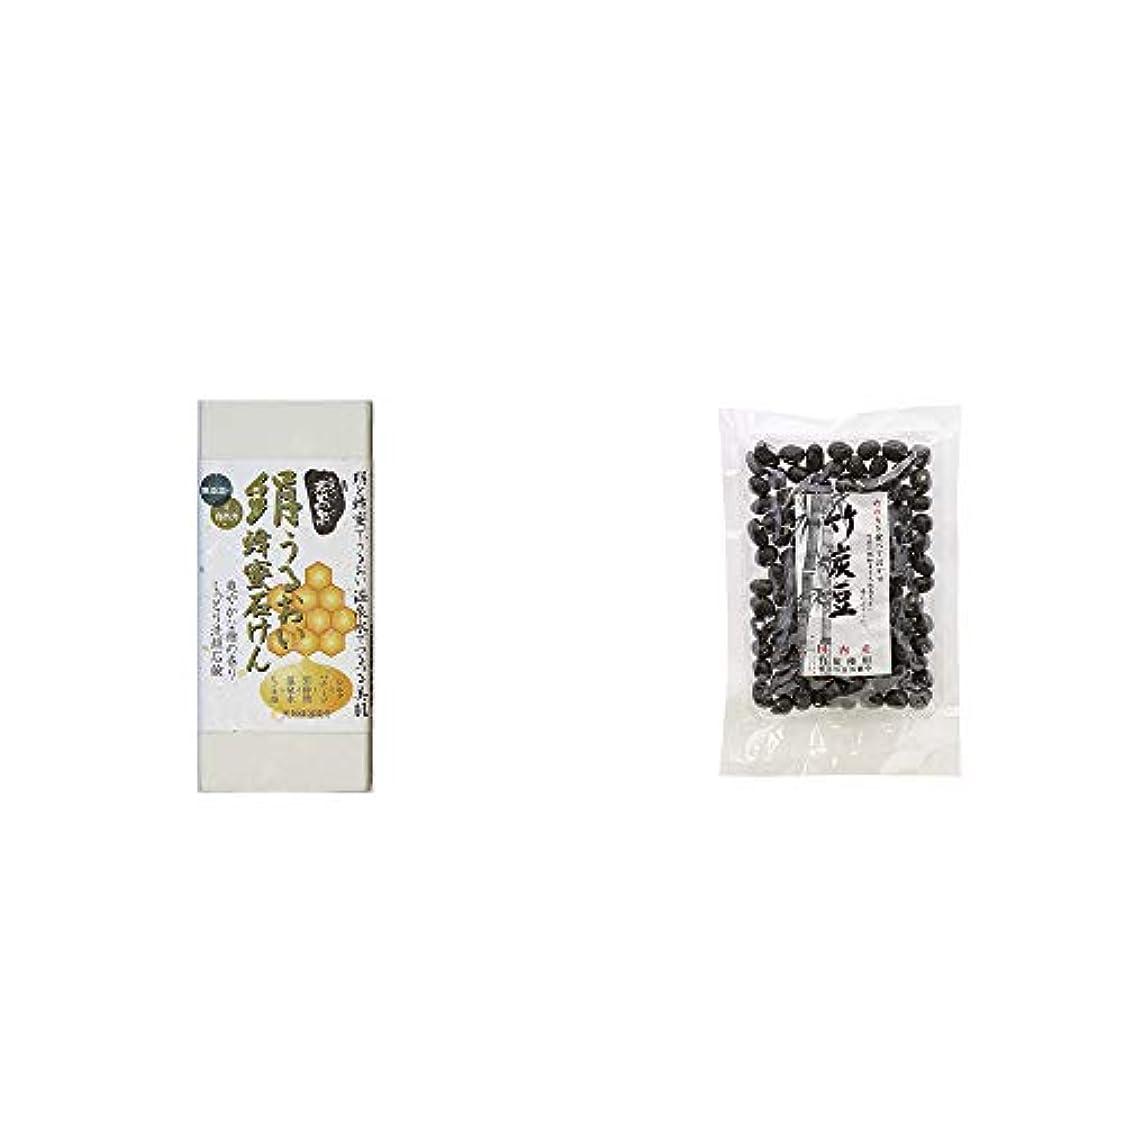 スペインシンボル息切れ[2点セット] ひのき炭黒泉 絹うるおい蜂蜜石けん(75g×2)?国内産 竹炭使用 竹炭豆(160g)